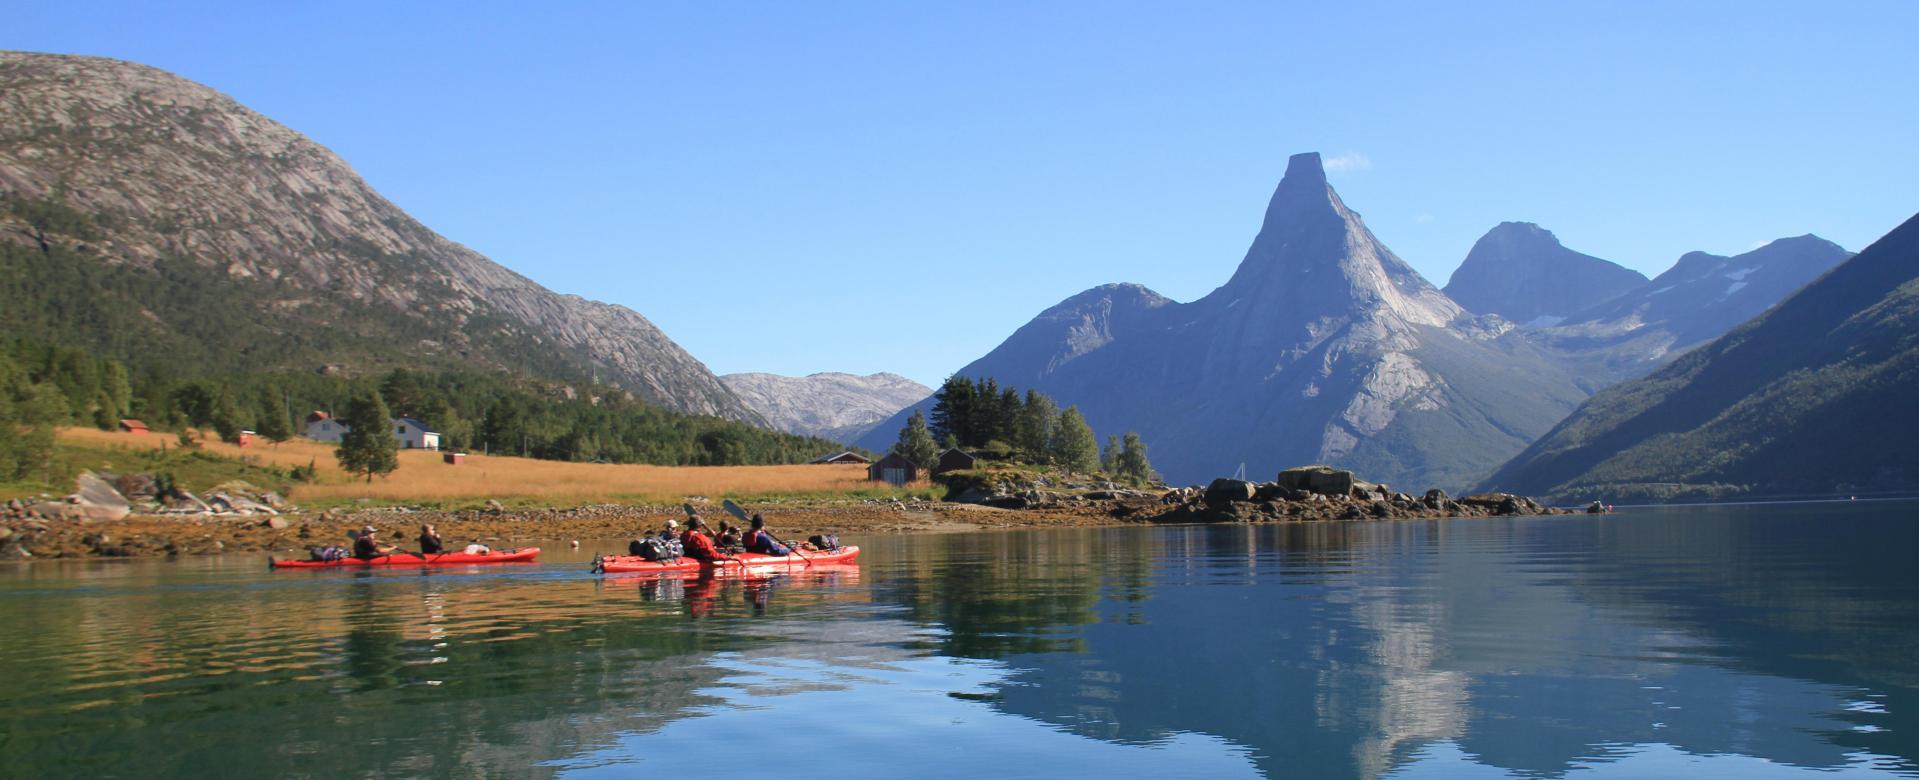 Voyage sur l'eau : Embarquement pour les fjords du nord